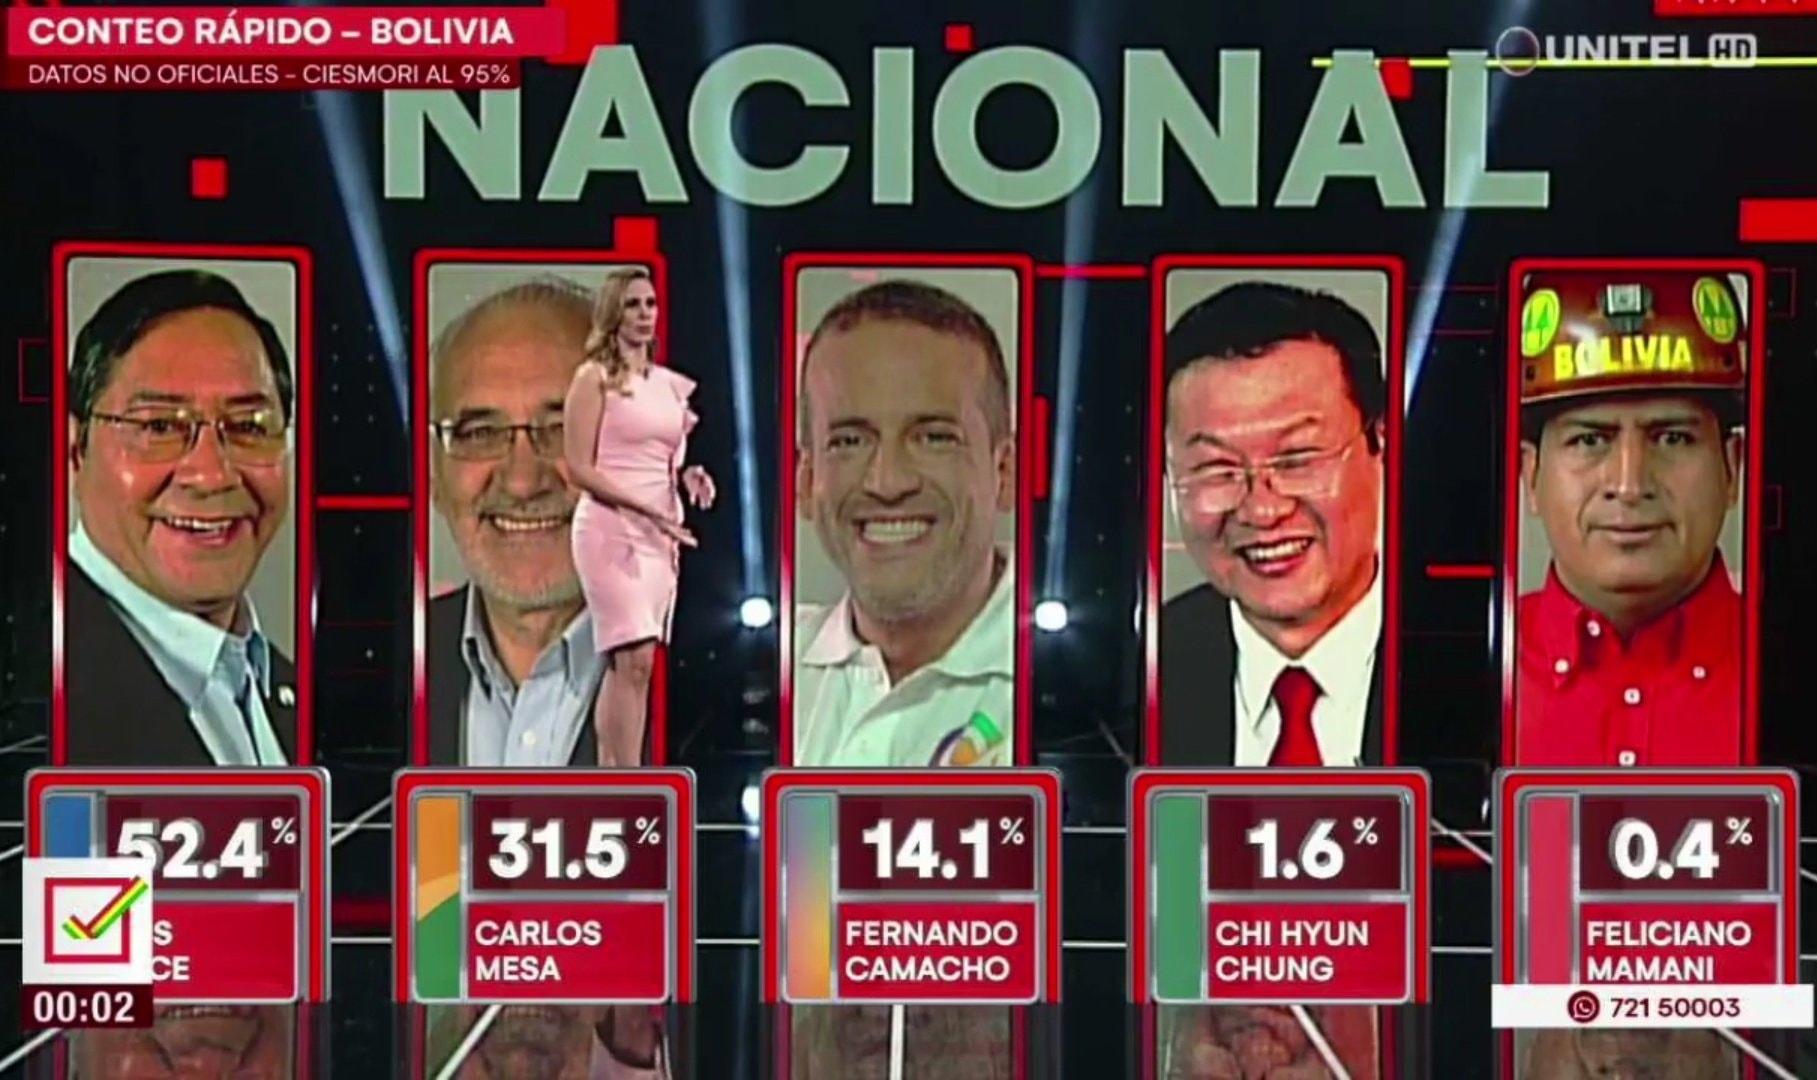 Luis Arce (MAS IPSP) remporte la présidentielle dès le 1er tour et inflige une défaite démocratique aux putschistes